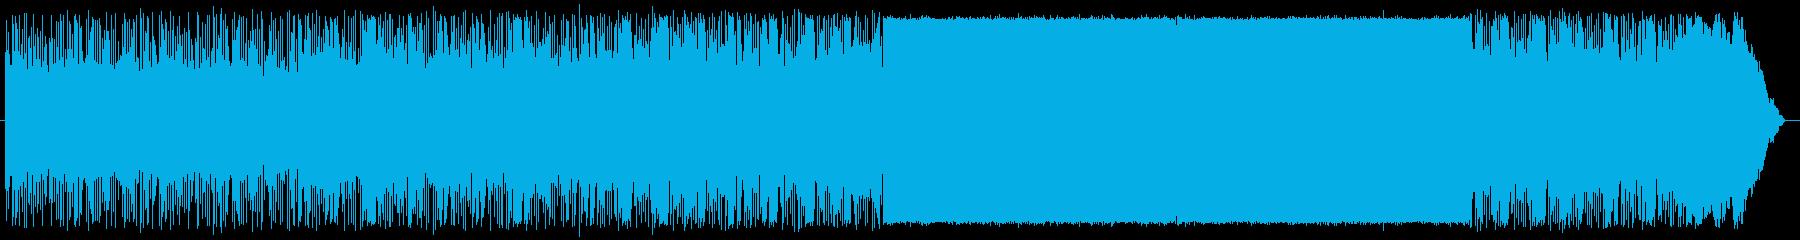 ドローンなどの空撮や海中の動画向けの再生済みの波形